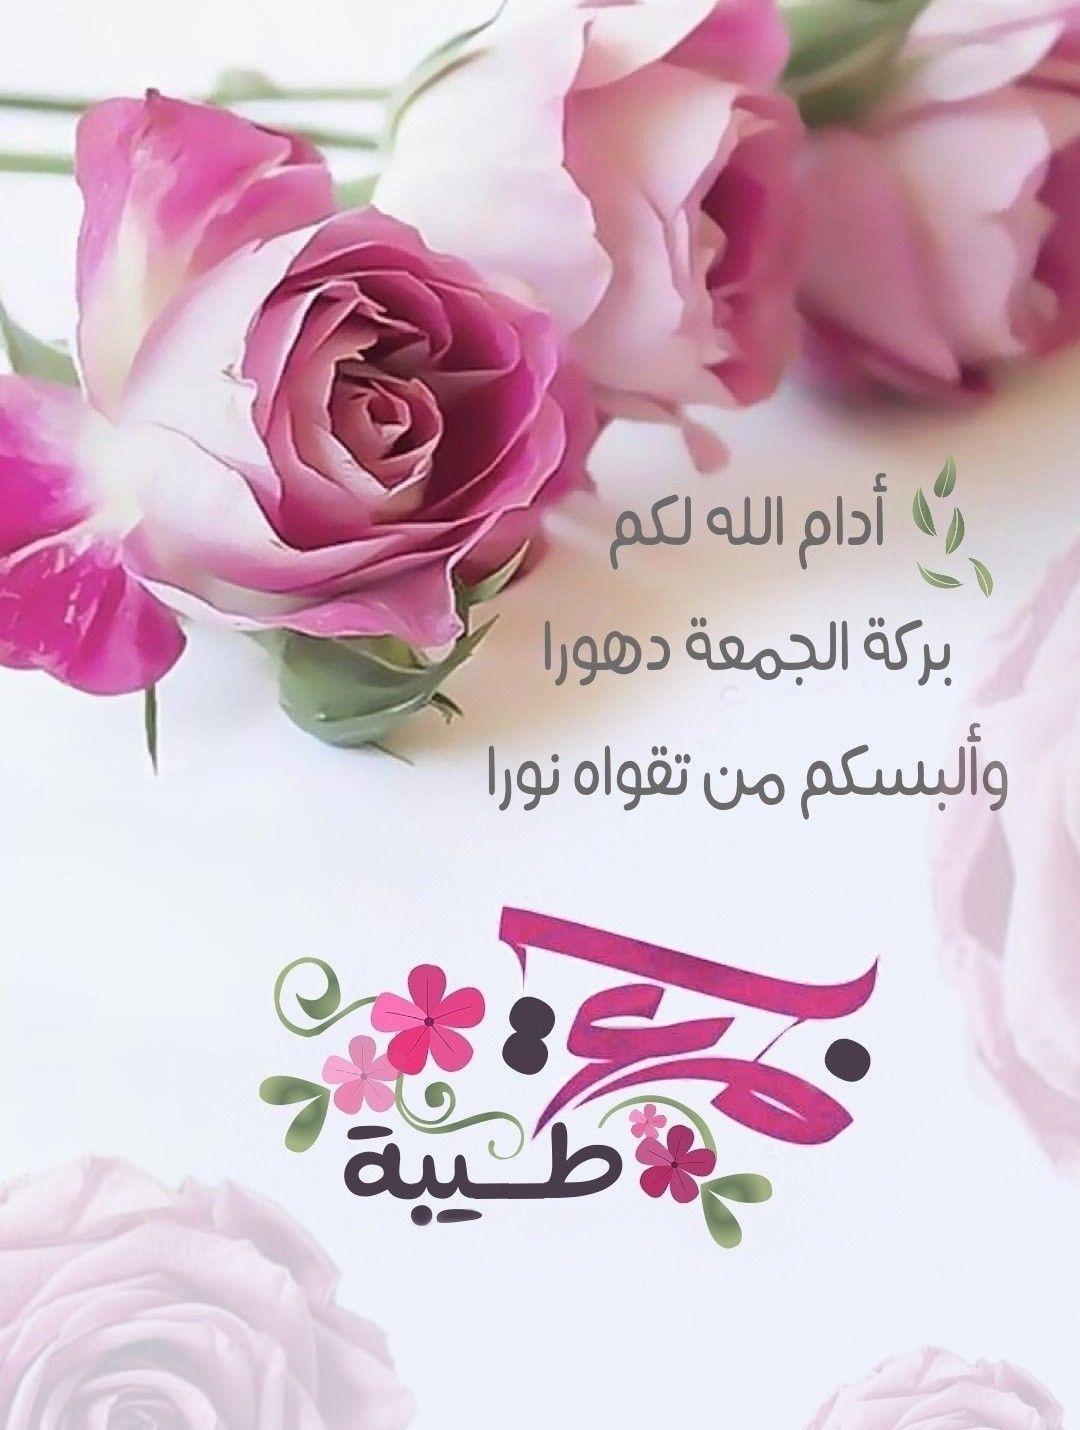 صورة اجمل الادعية ليوم الجمعة , تضرع الى الله يوم الجمعة المبارك